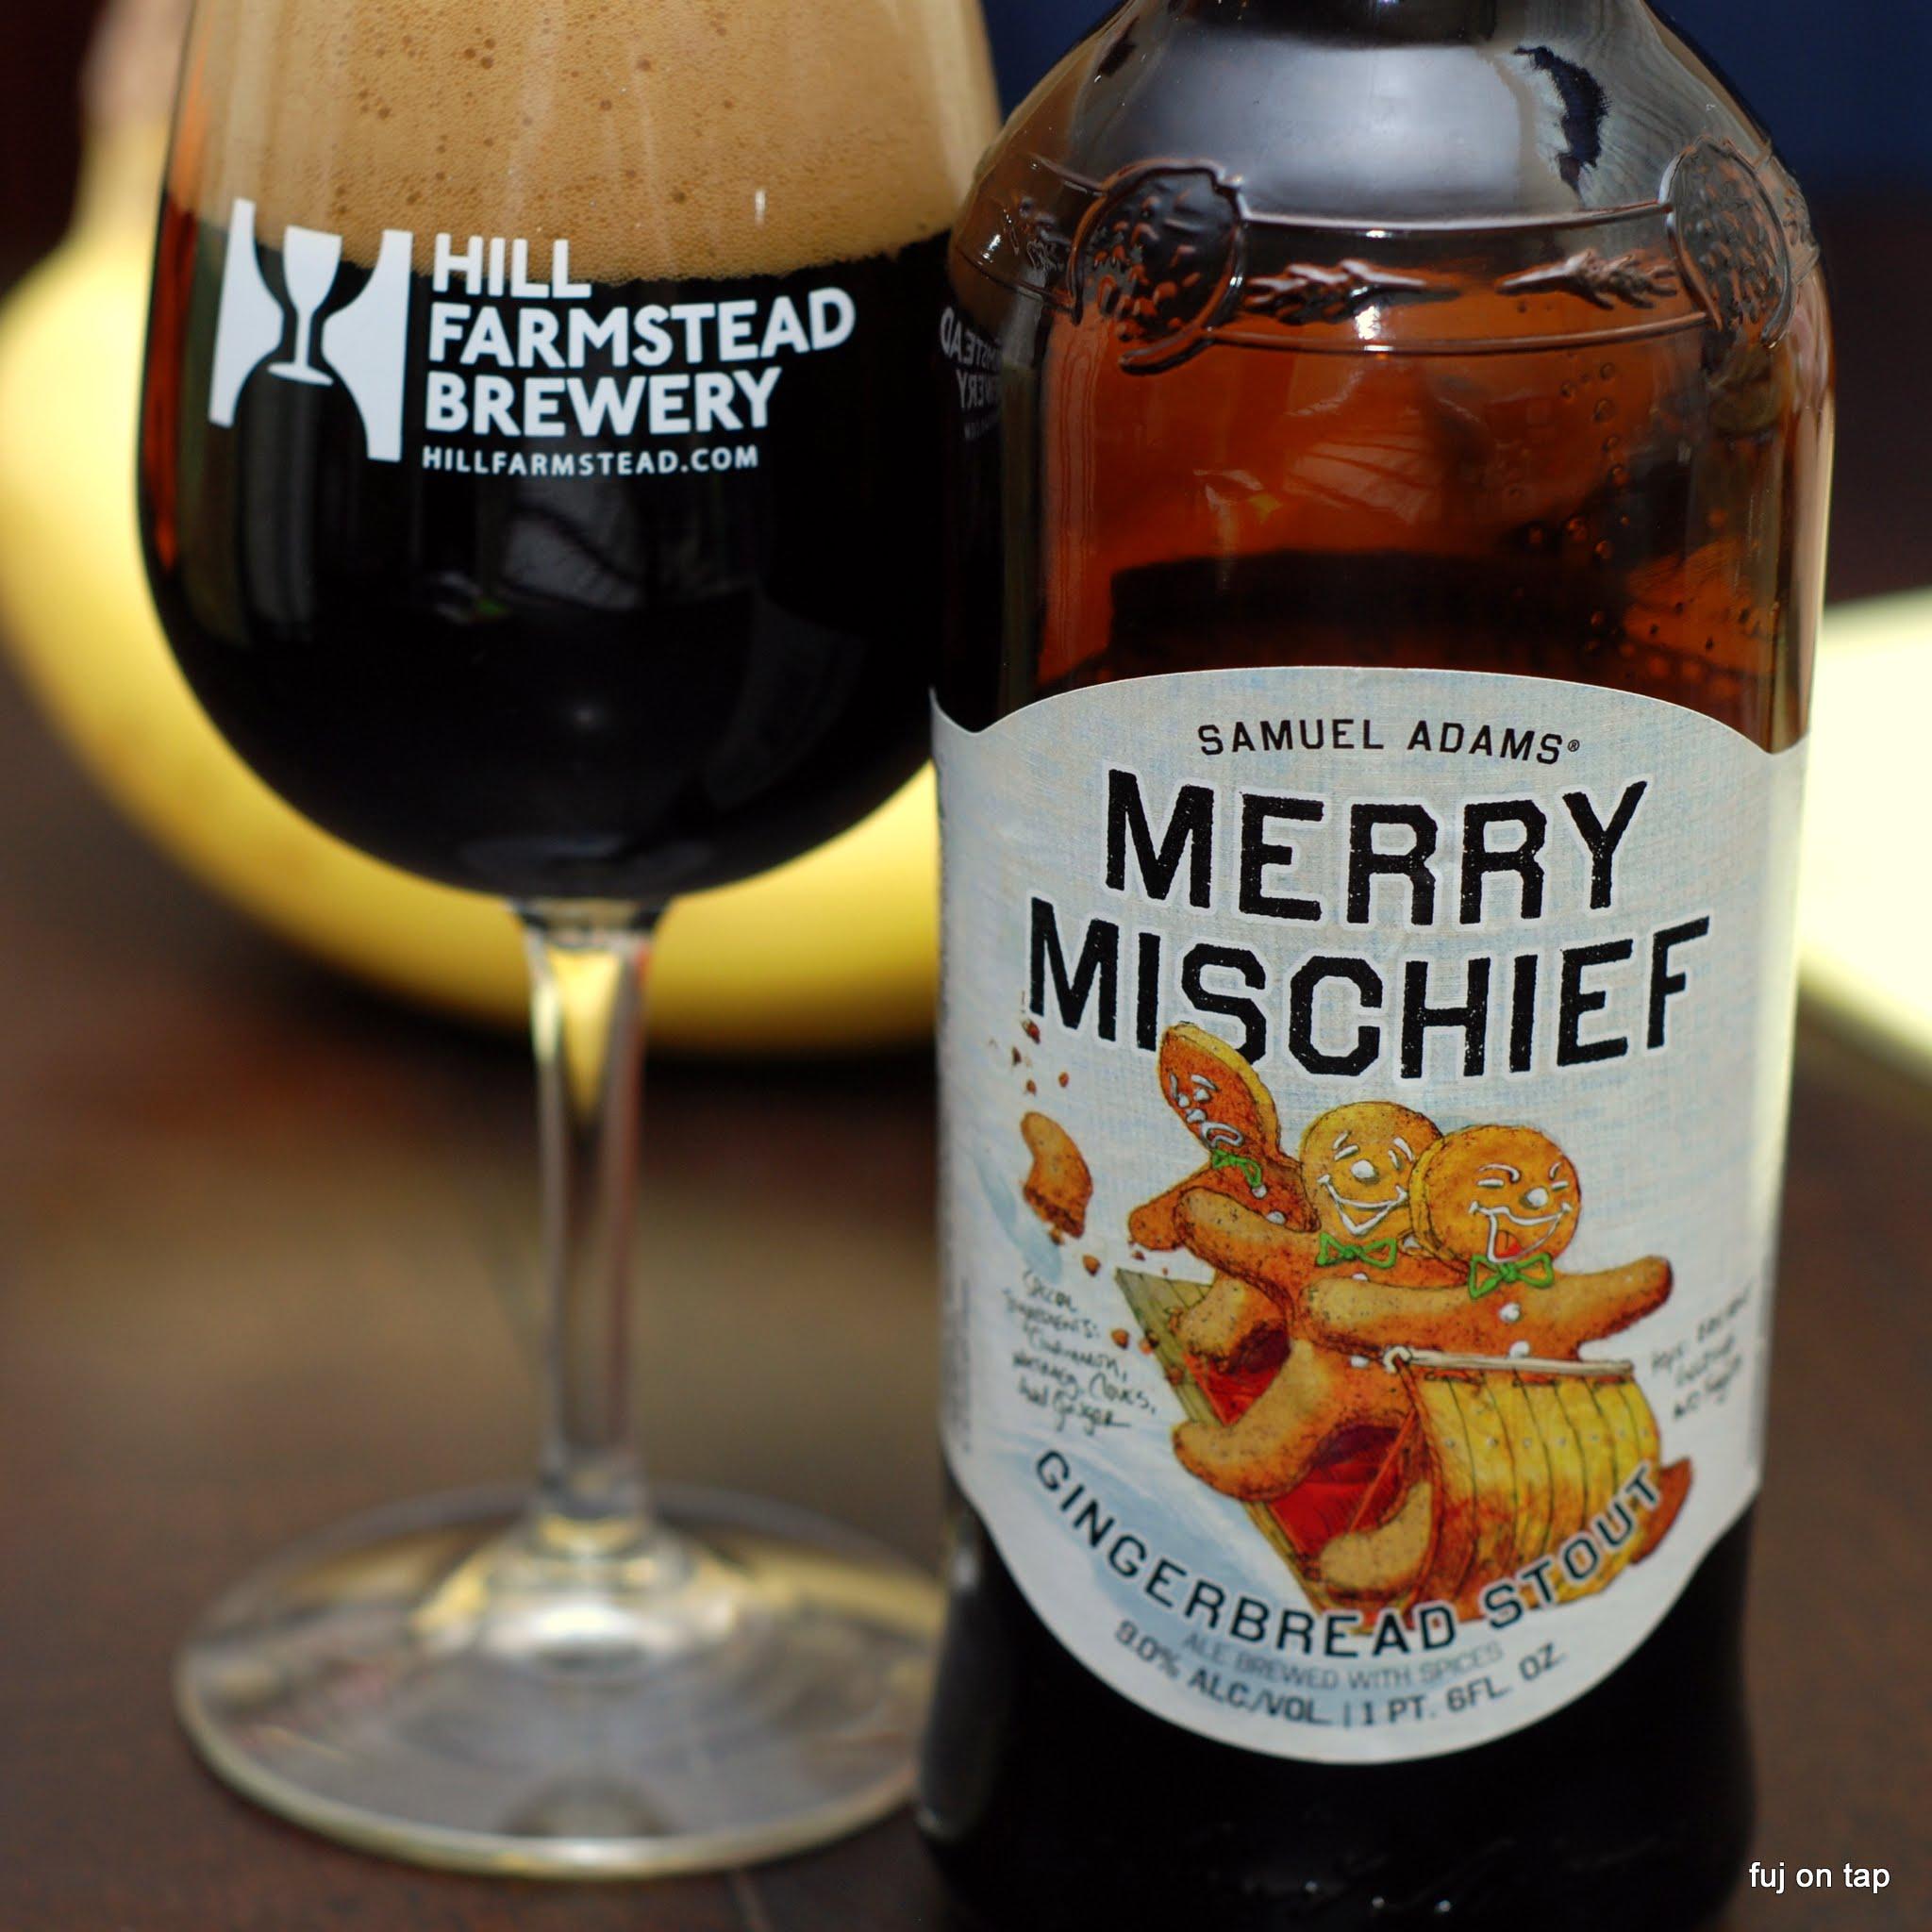 Samuel Adams Merry Mischief